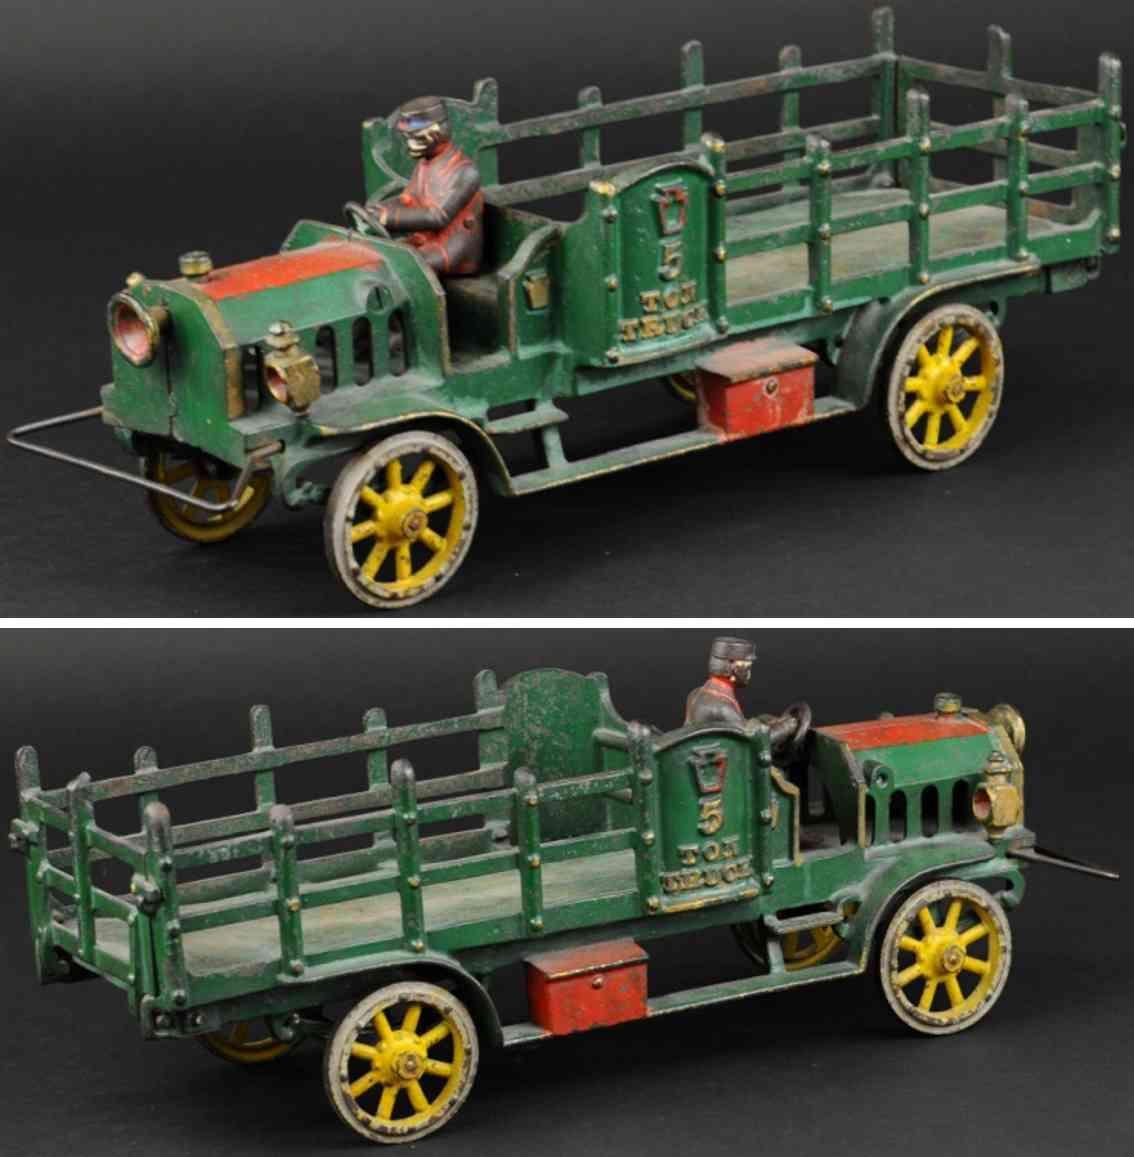 hubley spielzeug gusseisen rungenlastwagen gruen